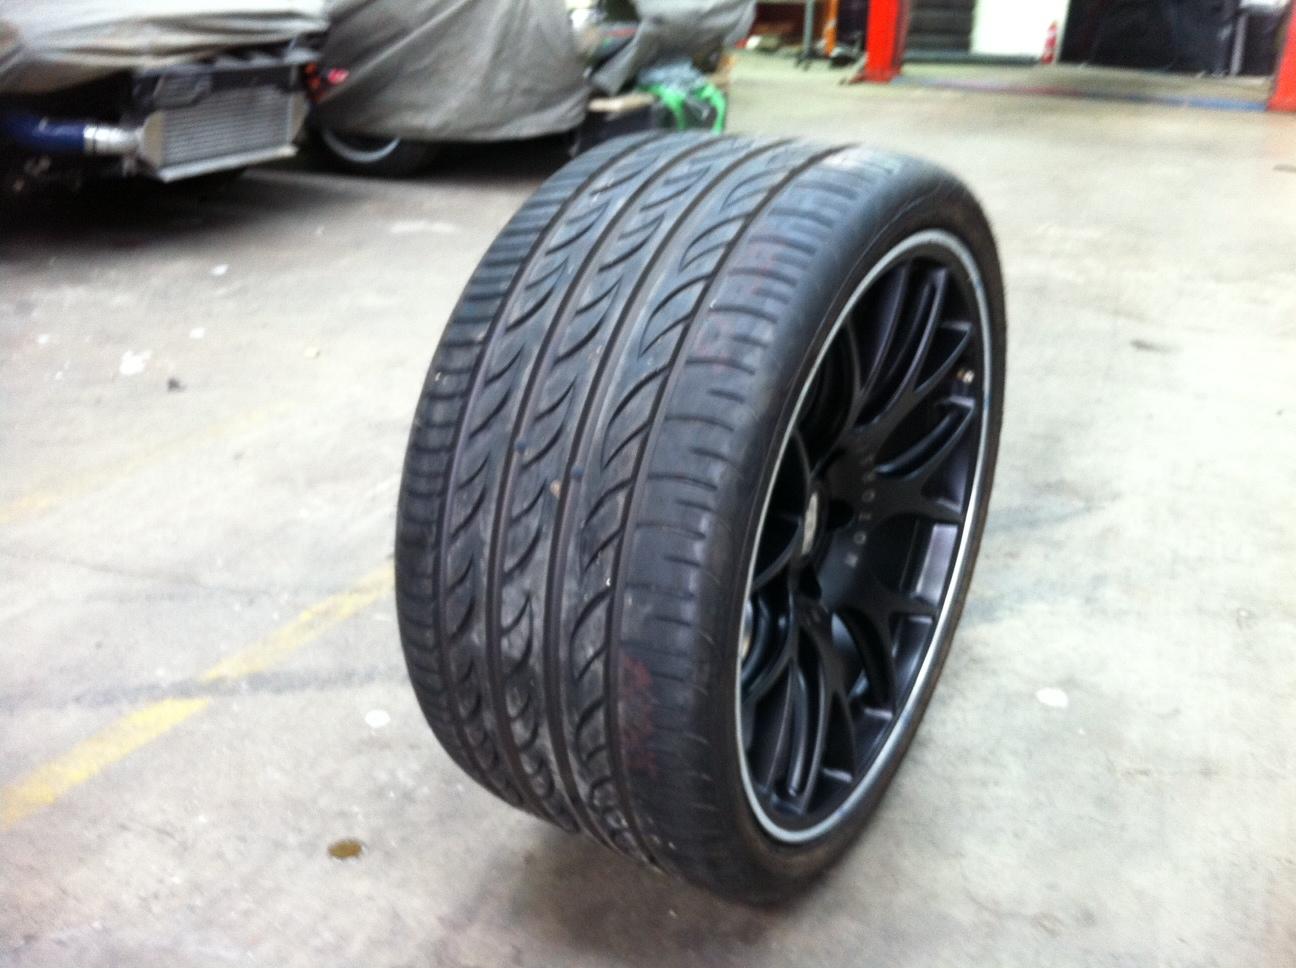 http://2.bp.blogspot.com/-FHqoCJqOC0Q/UCzwr9nSsCI/AAAAAAAABCk/dmTTm2CIP3c/s1600/325:25:20+Pirelli+P+Zero.JPG